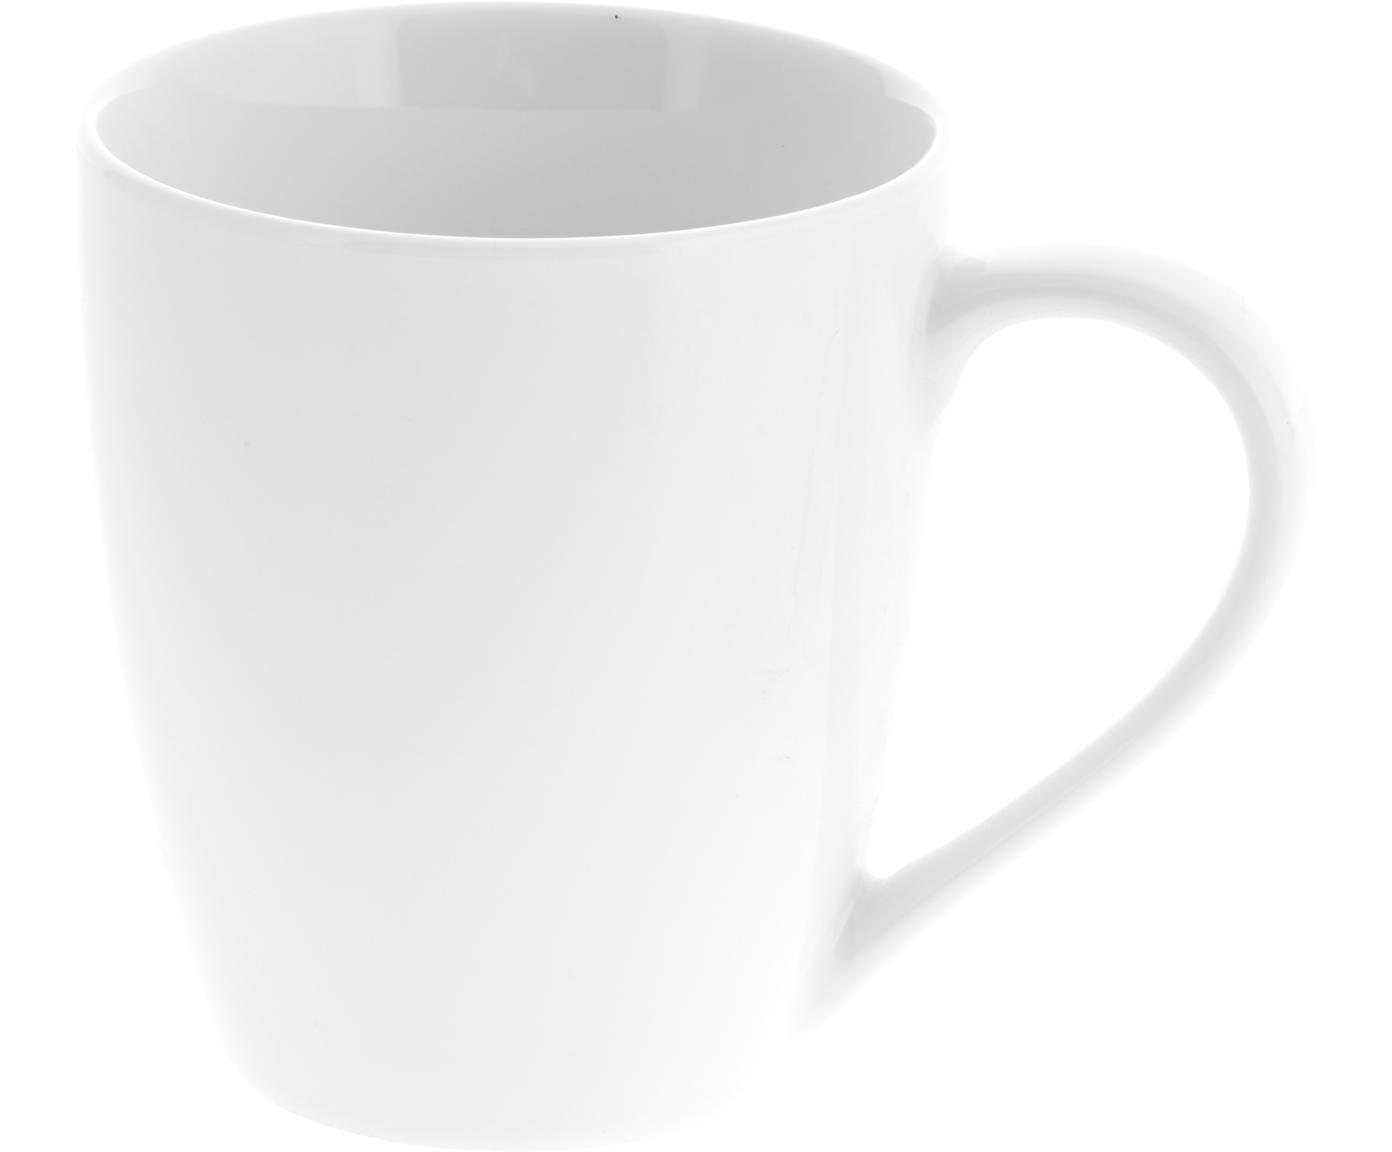 Tassen Delight, 2 stuks, Porselein, Wit, Ø 9 x H 10 cm